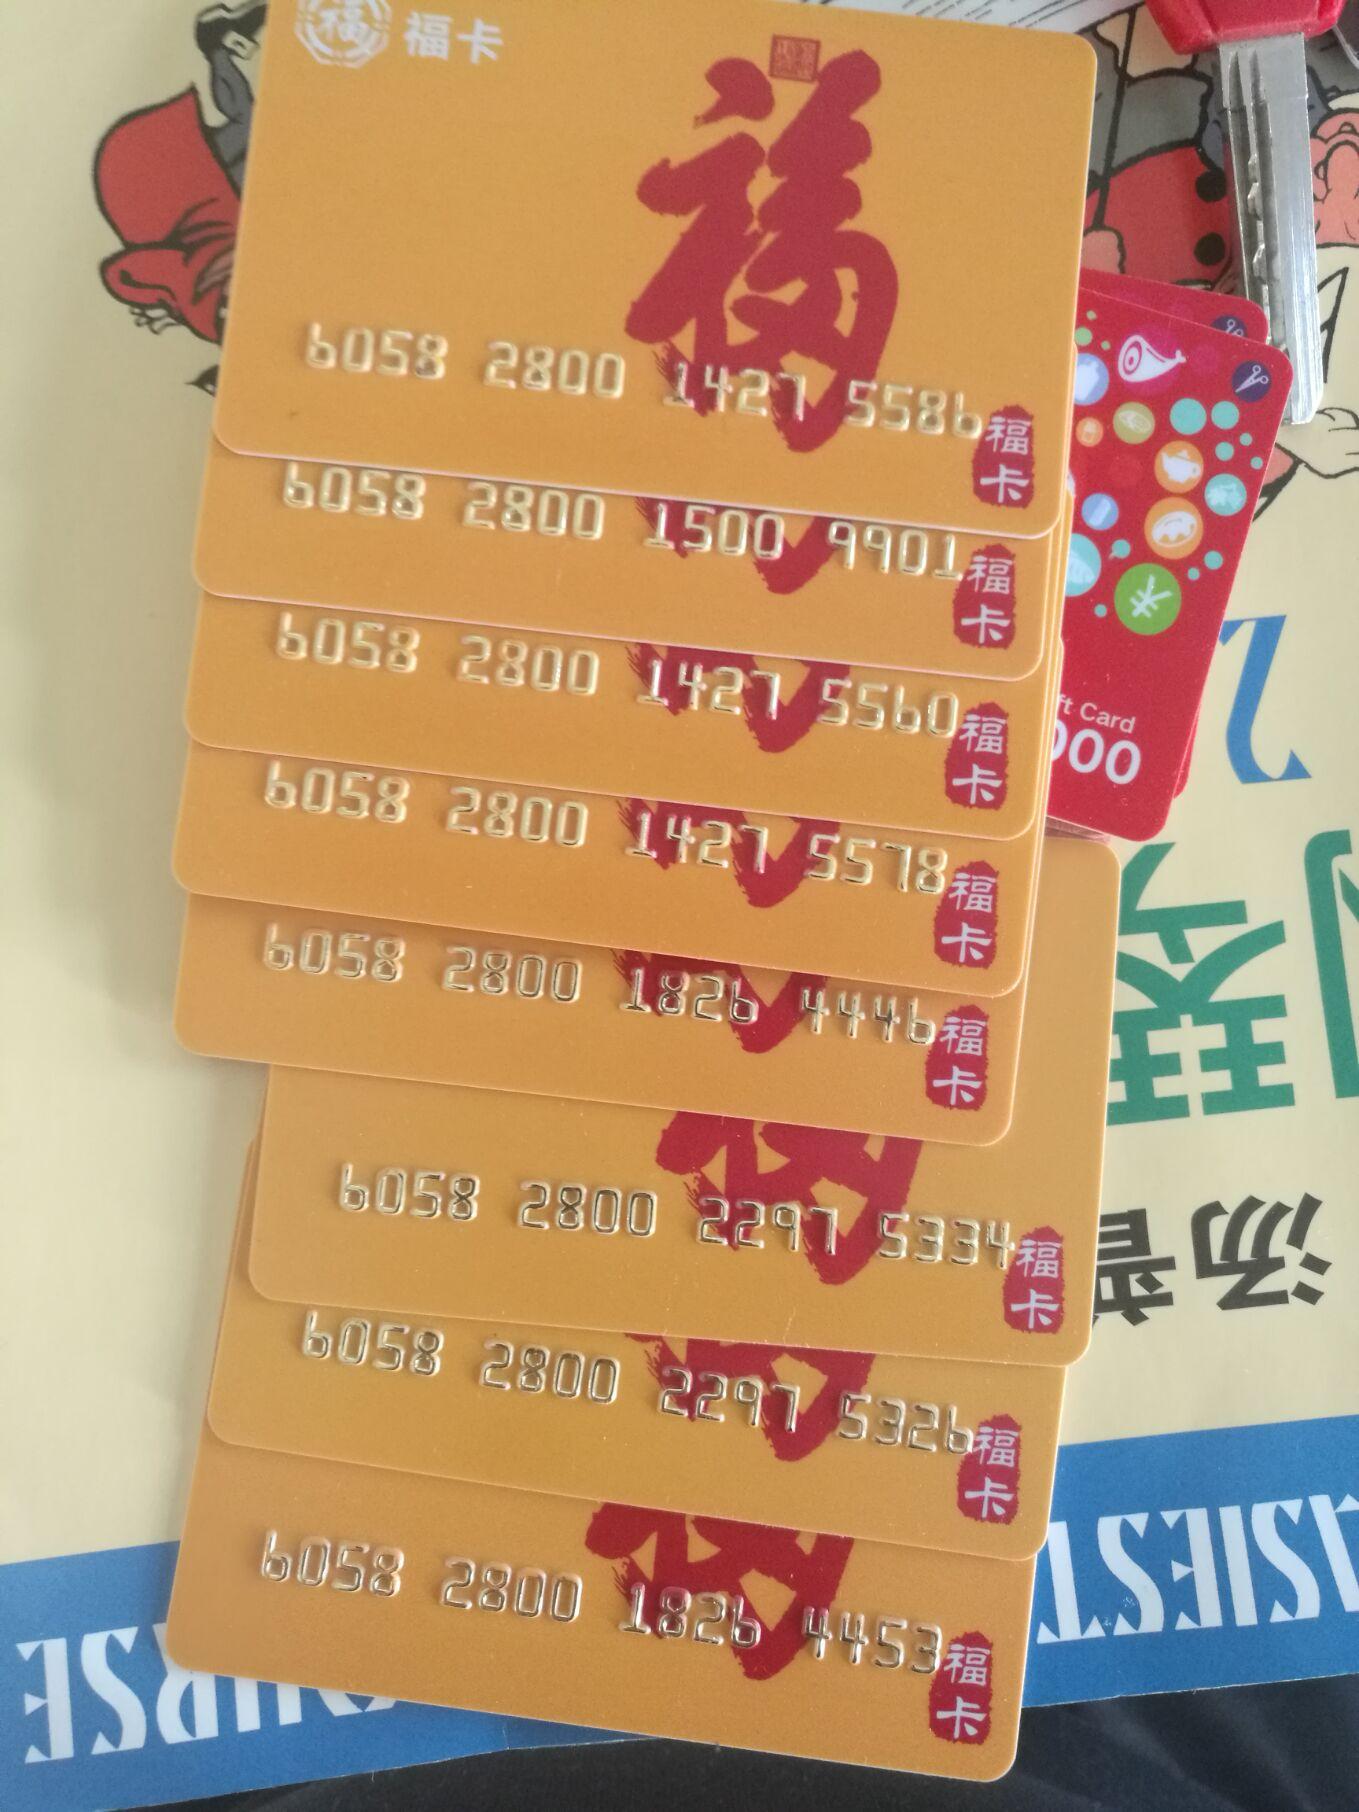 北京回收福卡 北京收购福卡